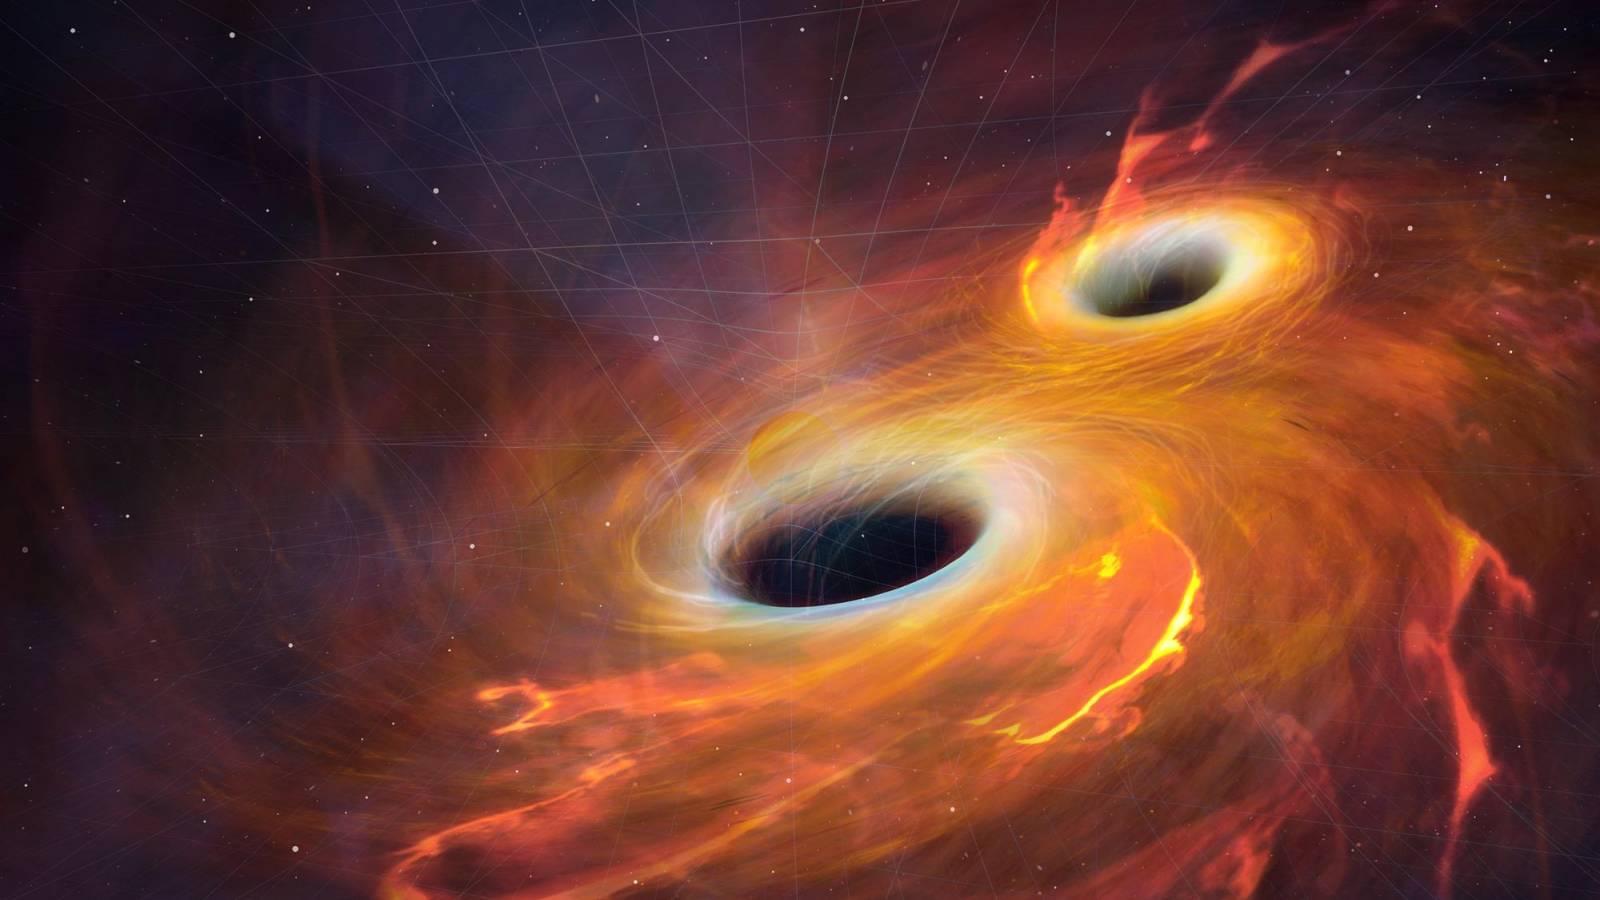 gaura neagra intermediara